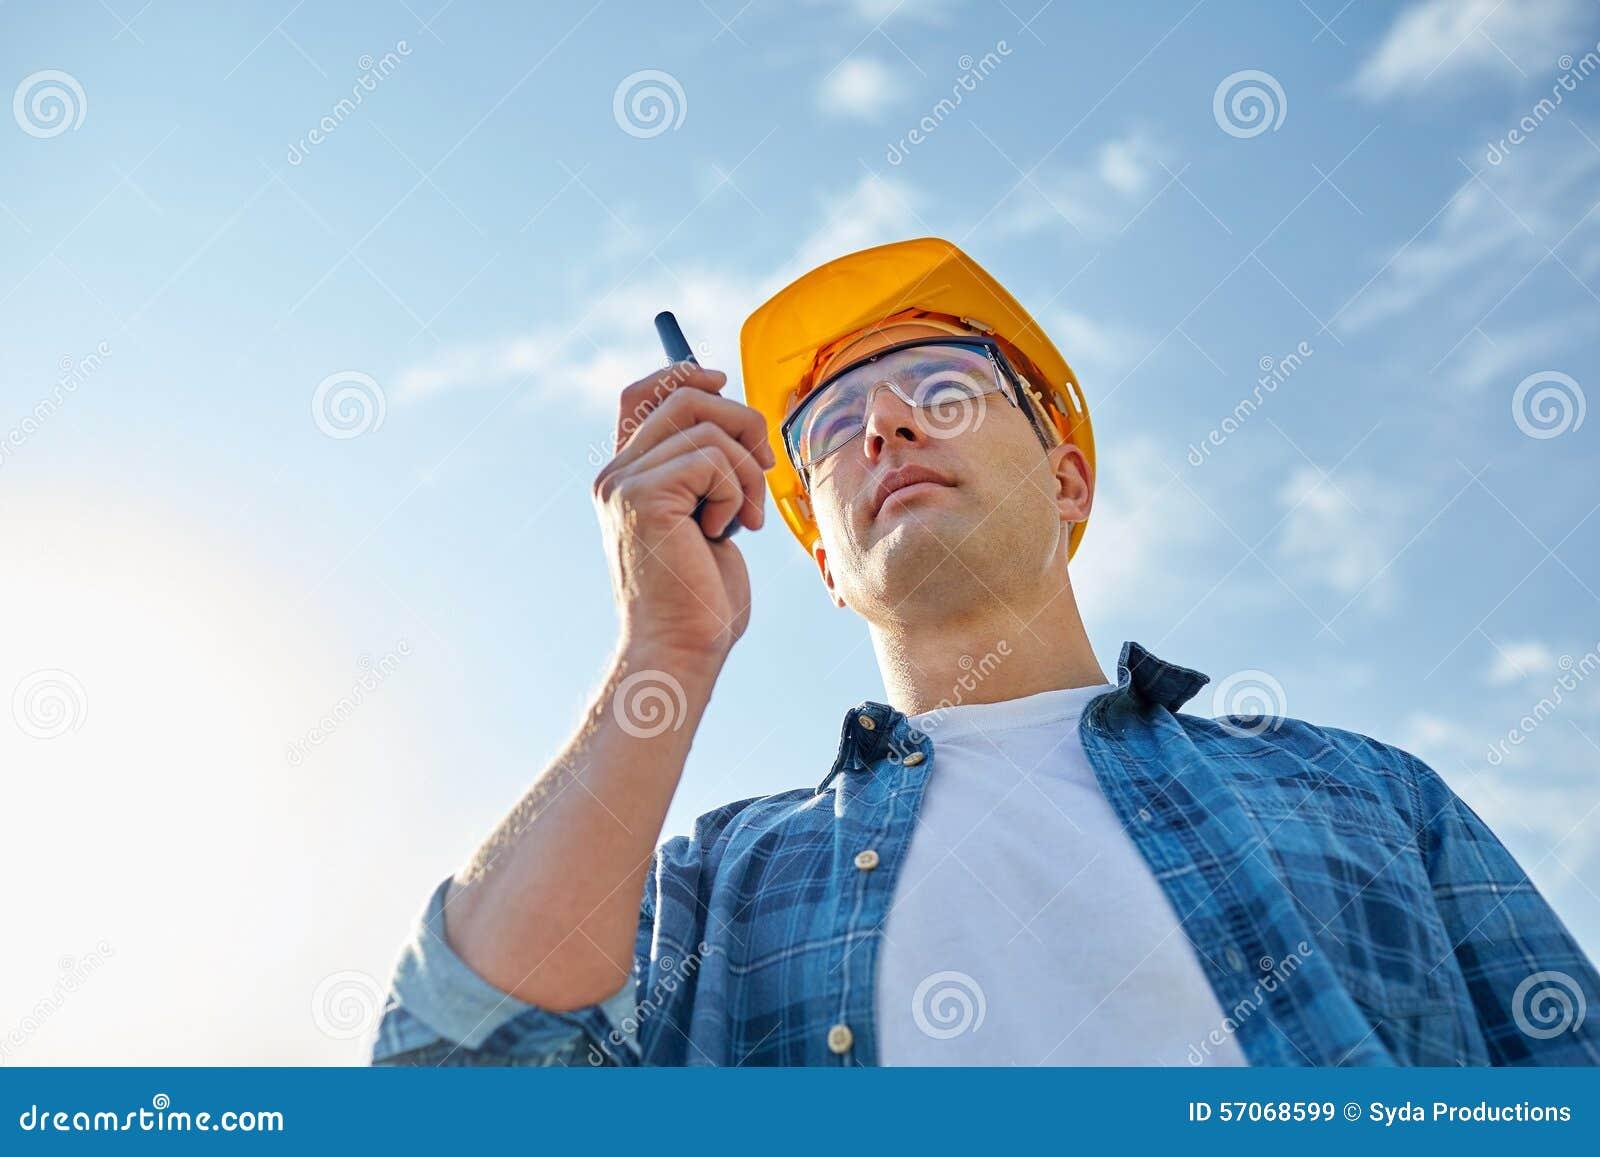 Bouwer in bouwvakker met walkie-talkie